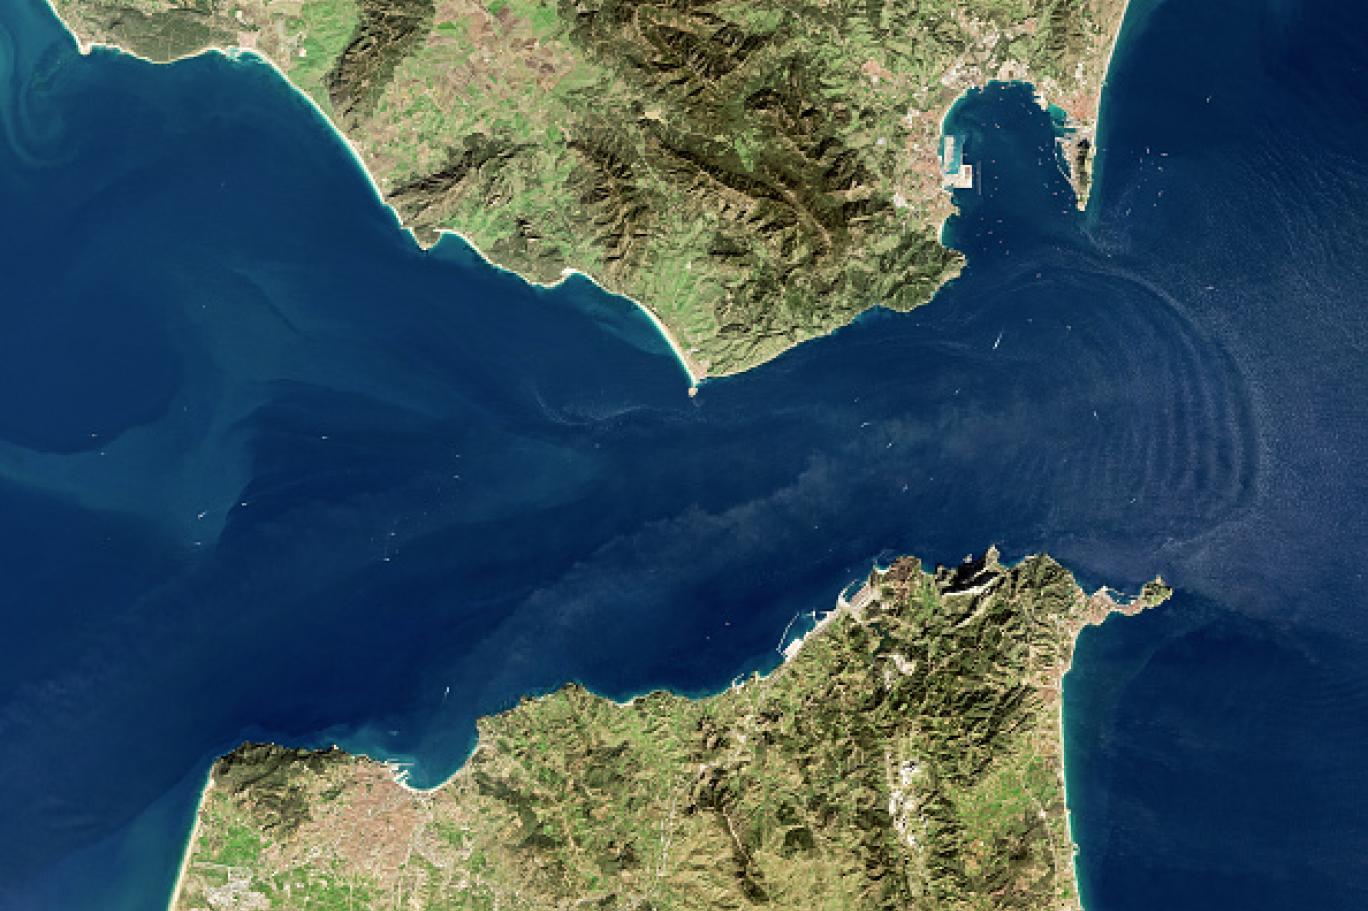 كم يبلغ أقل عرض لمضيق جبل طارق.. مسابقة مهيب ورزان في رمضان 2021 وإجابة سؤال ح 29 4